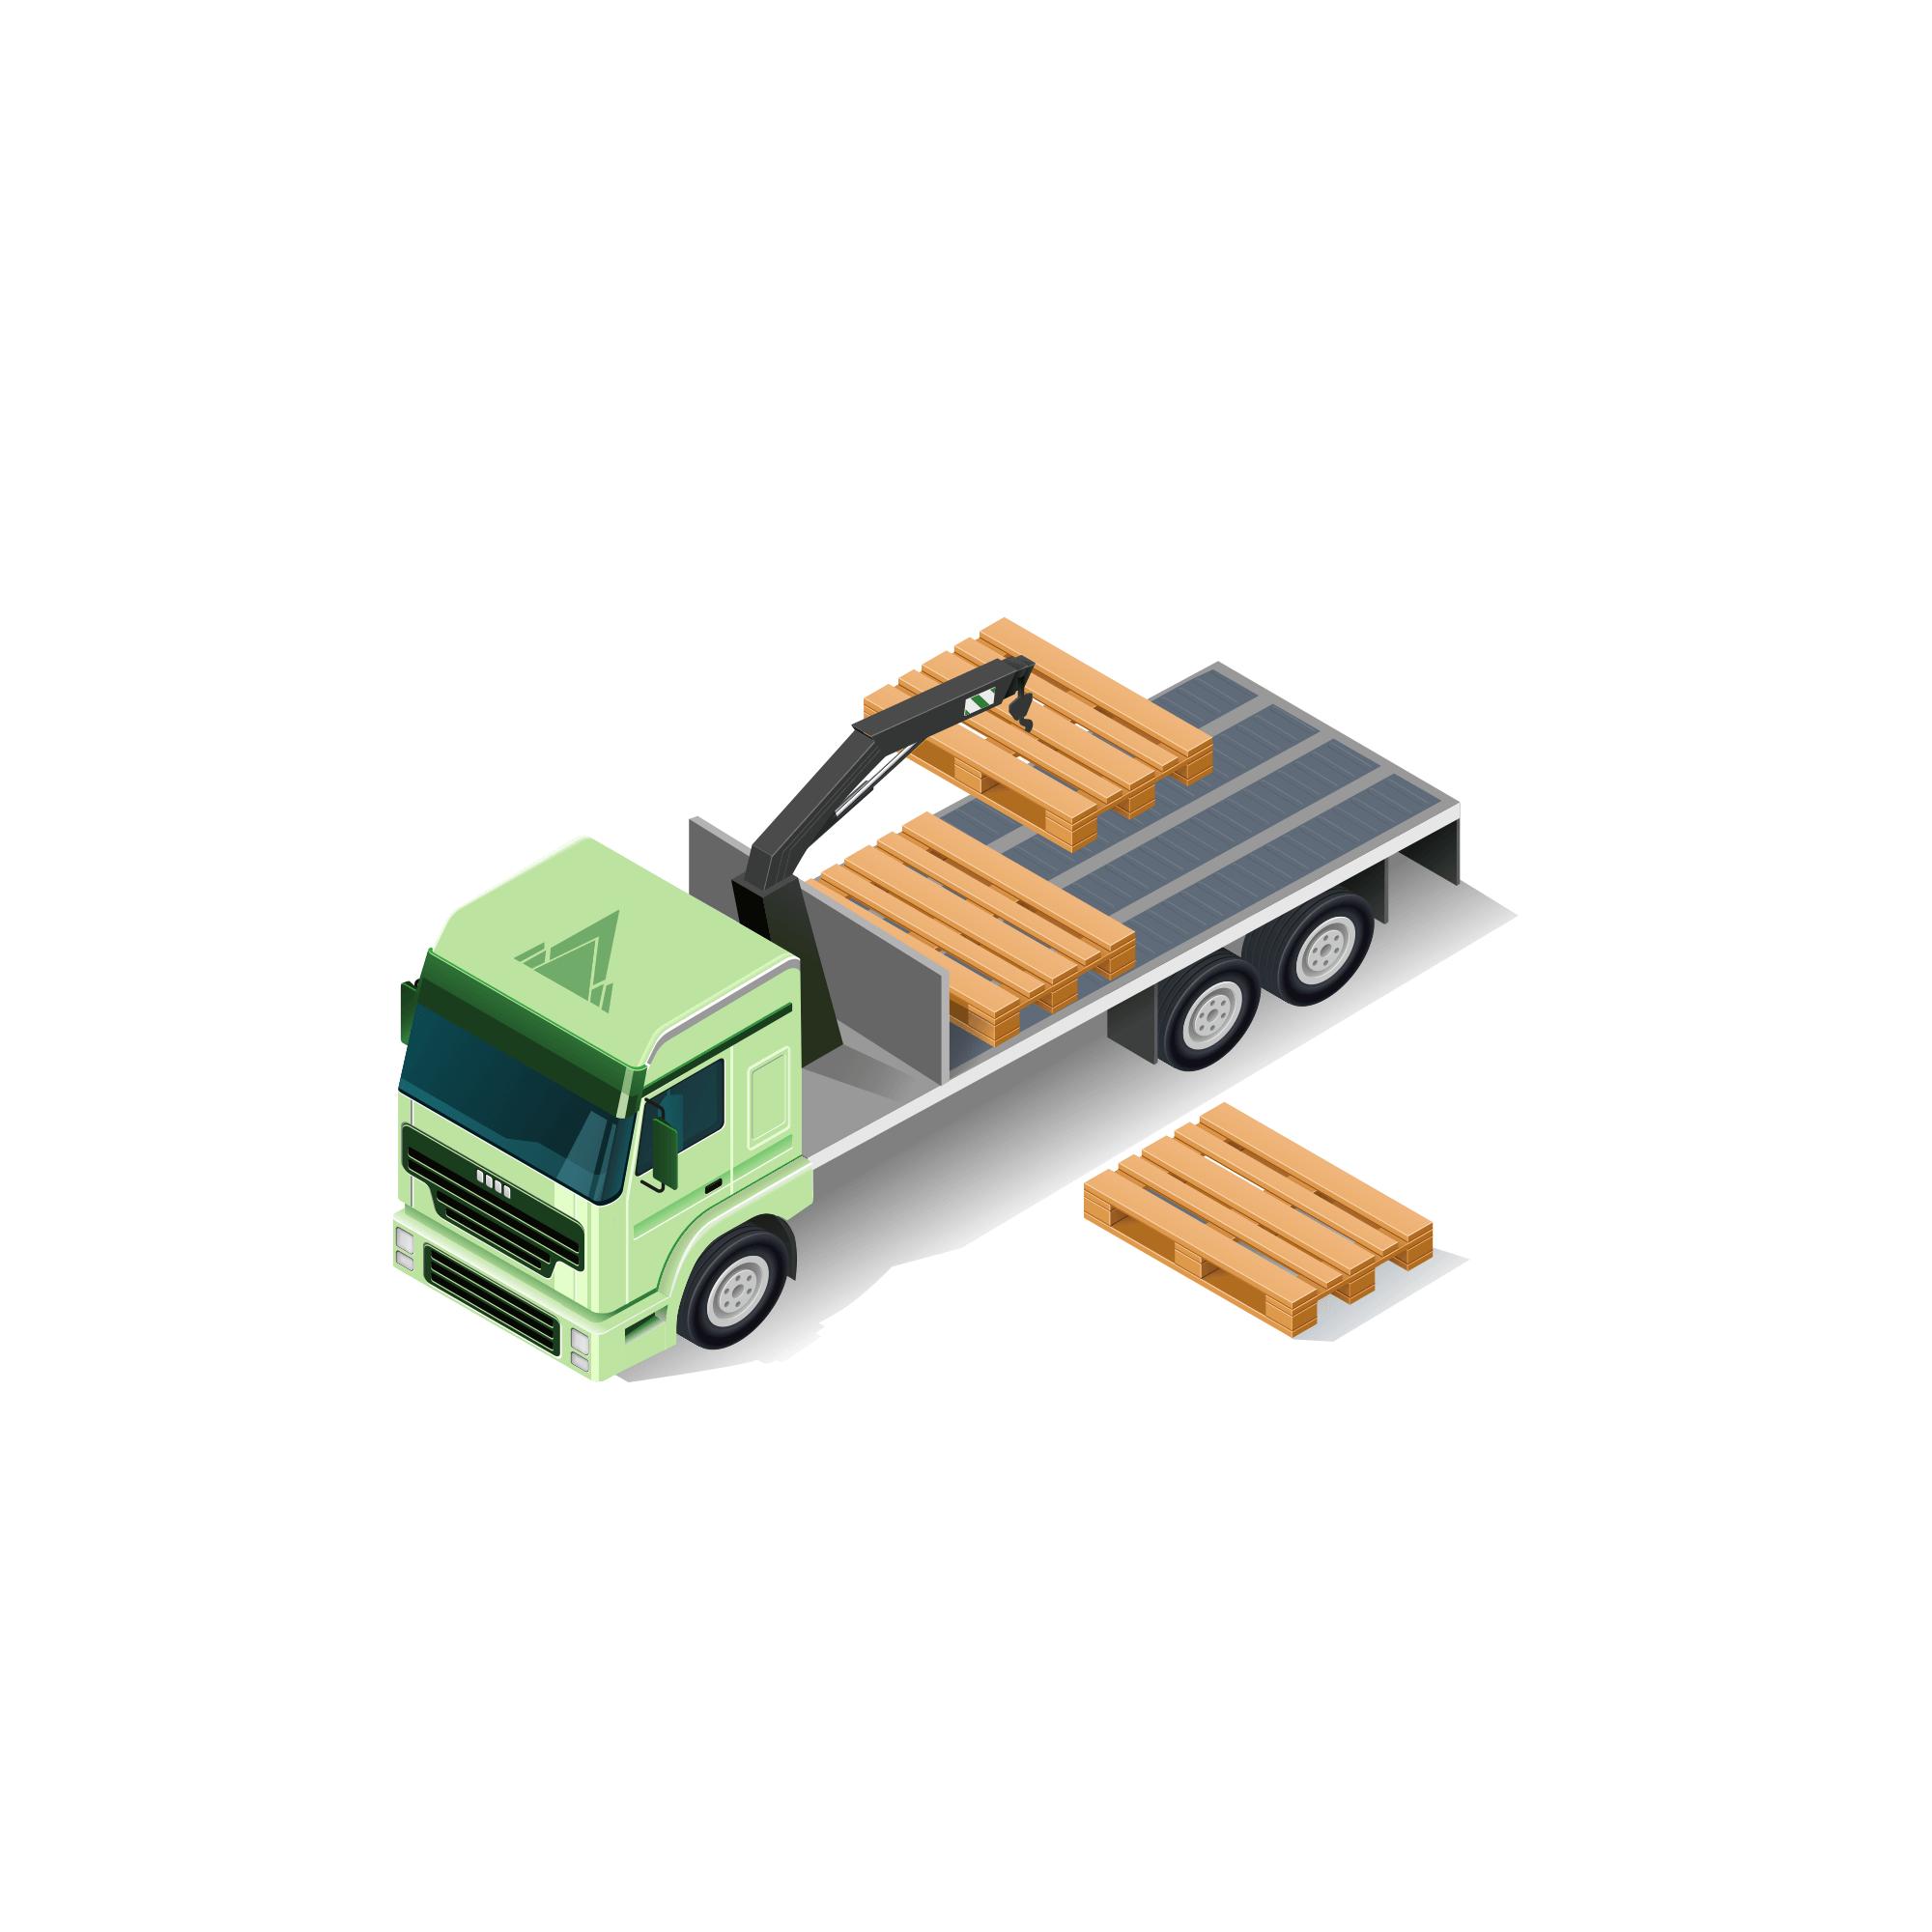 Rigid Lorry with HIAB Crane